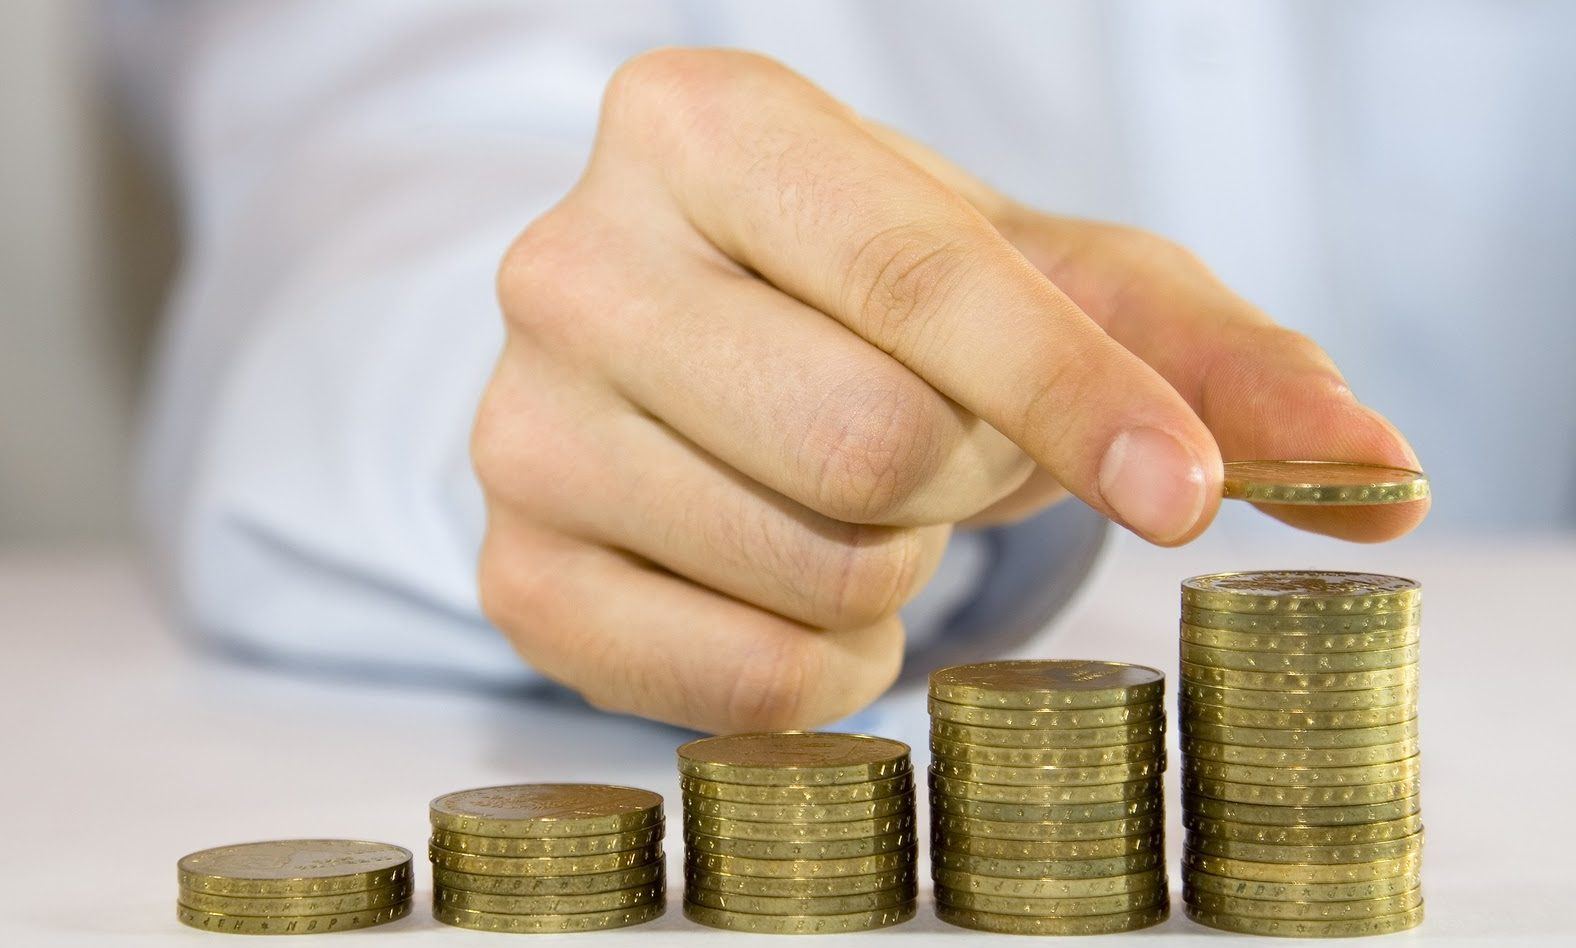 hol lehet jó pénzt keresni egy hallgató számára